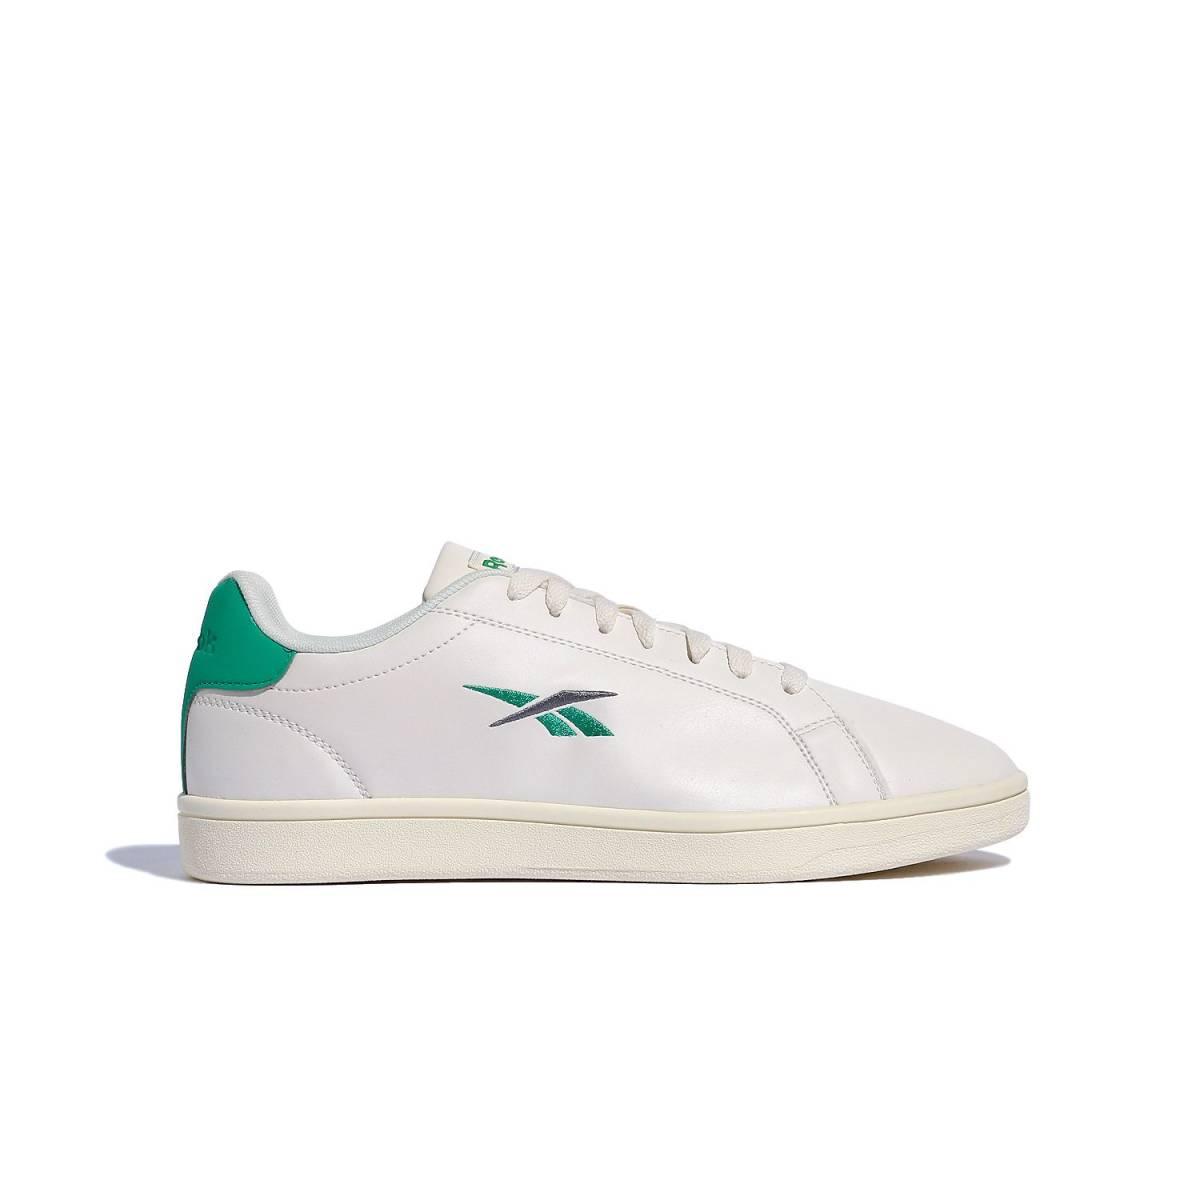 新品 リーボック Reebok REEBOK ROYAL COMPLETE SPORT 26.5cm 白 ホワイト 緑 グリーン スニーカー 靴 クラシック カジュアル シューズ_画像3